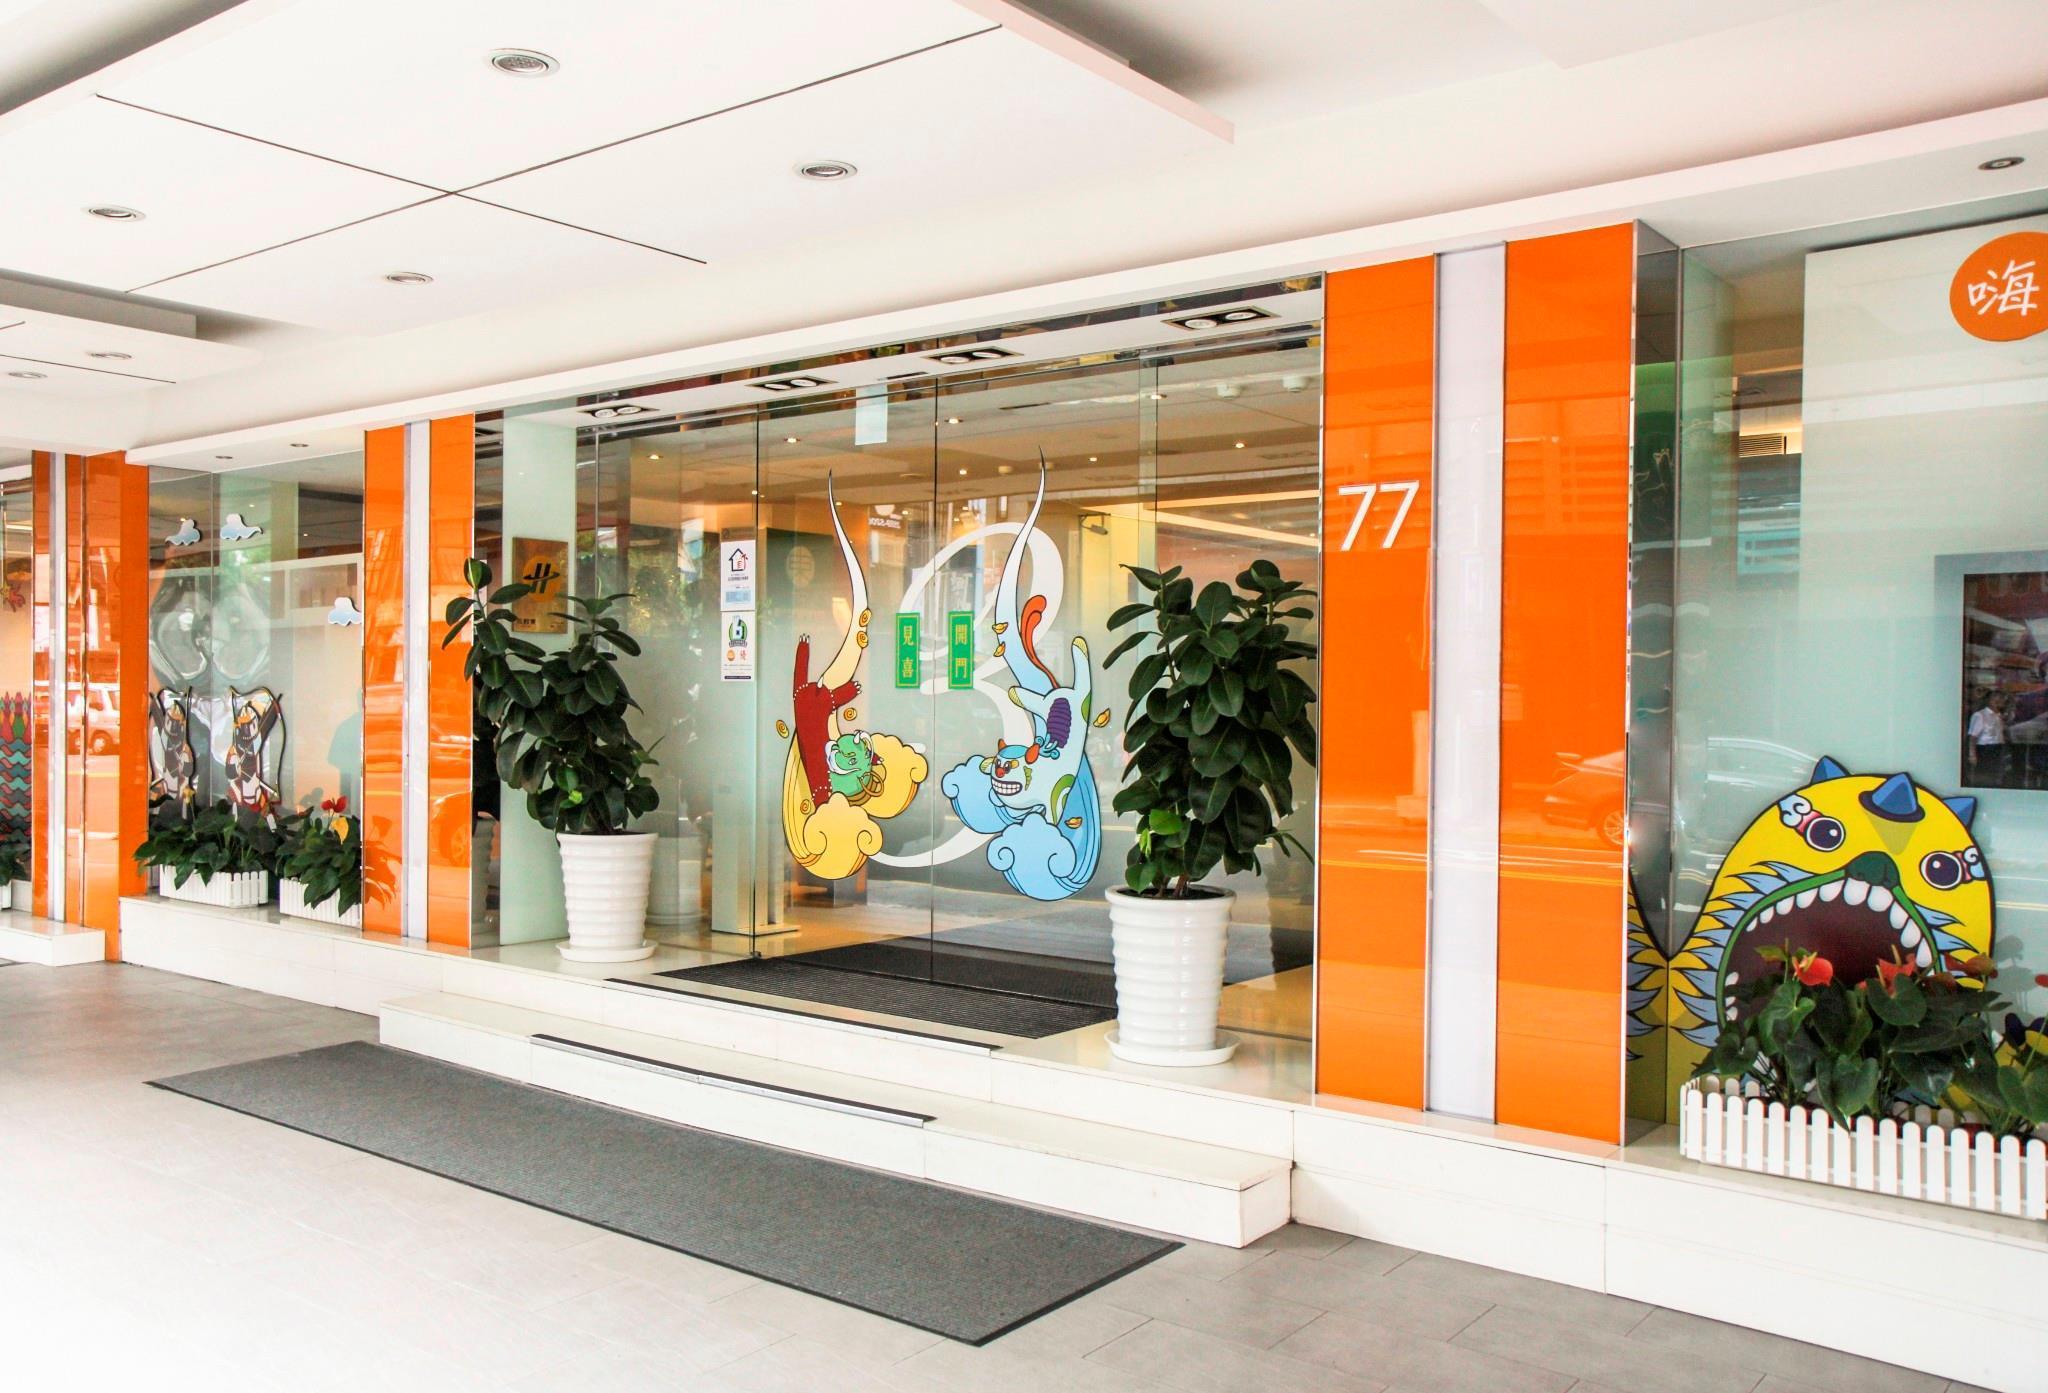 新驛旅店臺北車站三館, 臺北 - 比較優惠